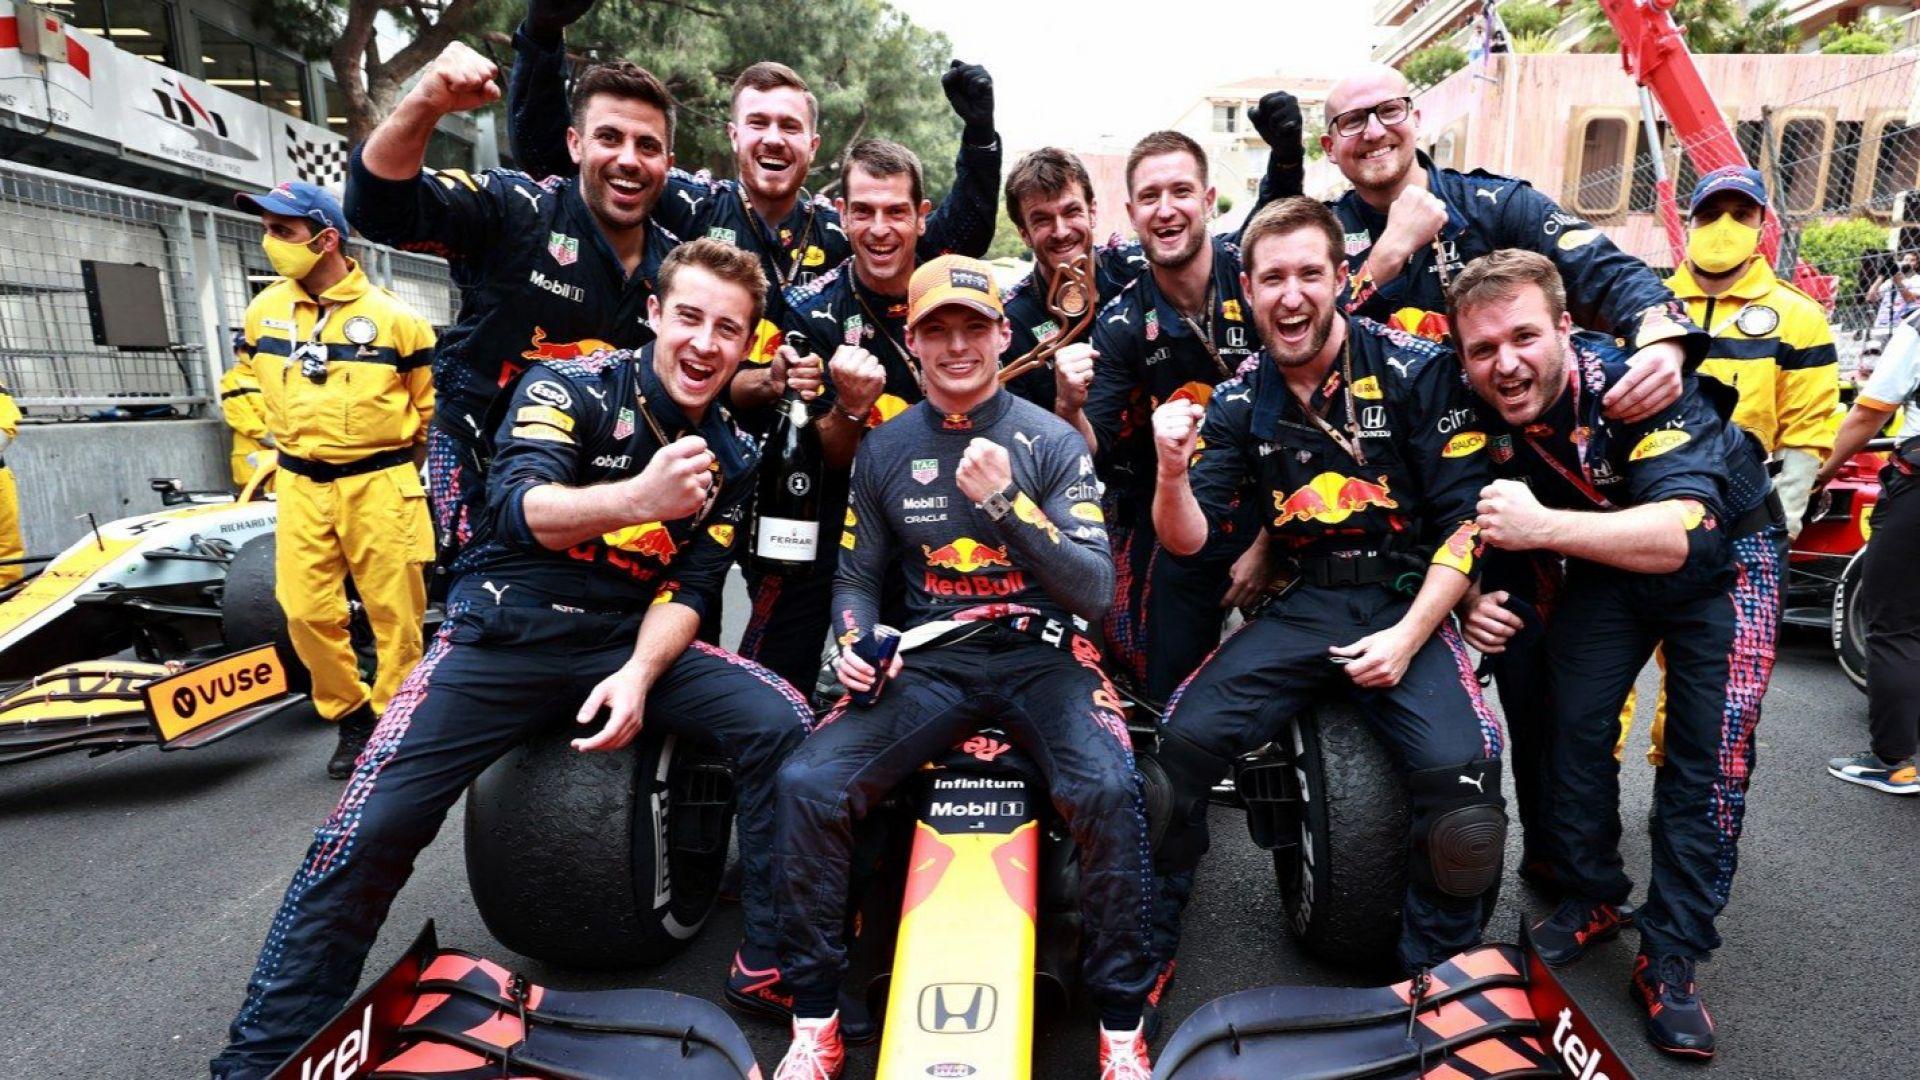 Формула 1 има нов лидер - Верстапен триумфира в Монако и задмина Хамилтън